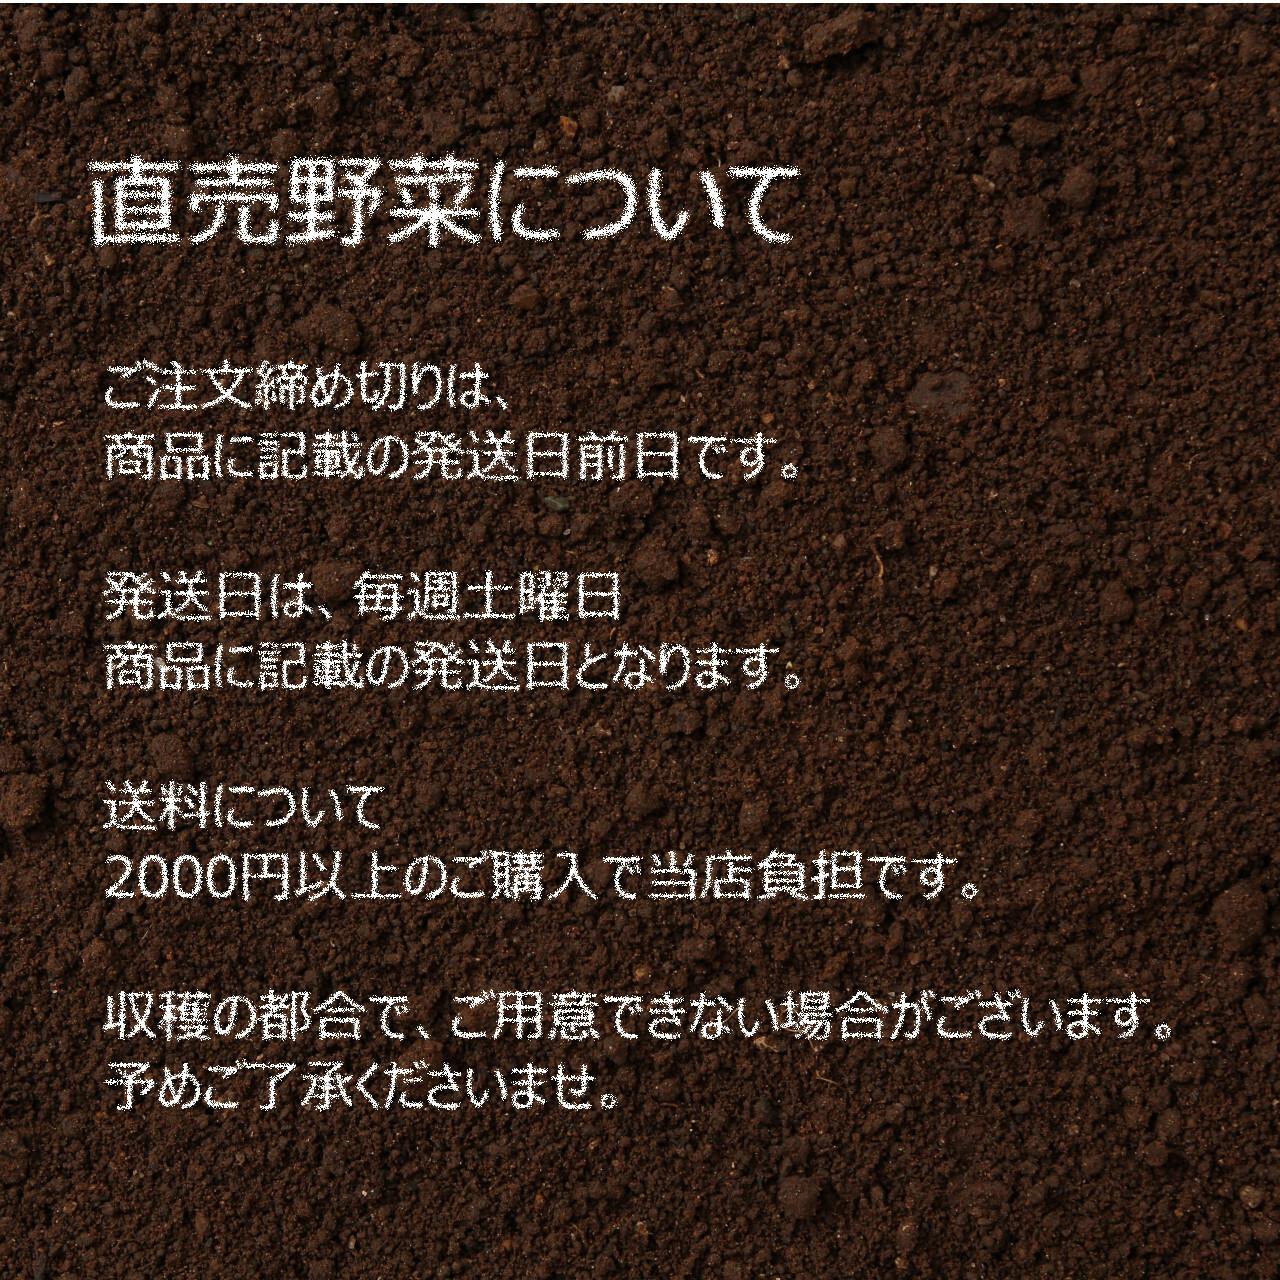 6月の新鮮野菜 : ピーマン 約150g 朝採り直売野菜 6月27日発送予定